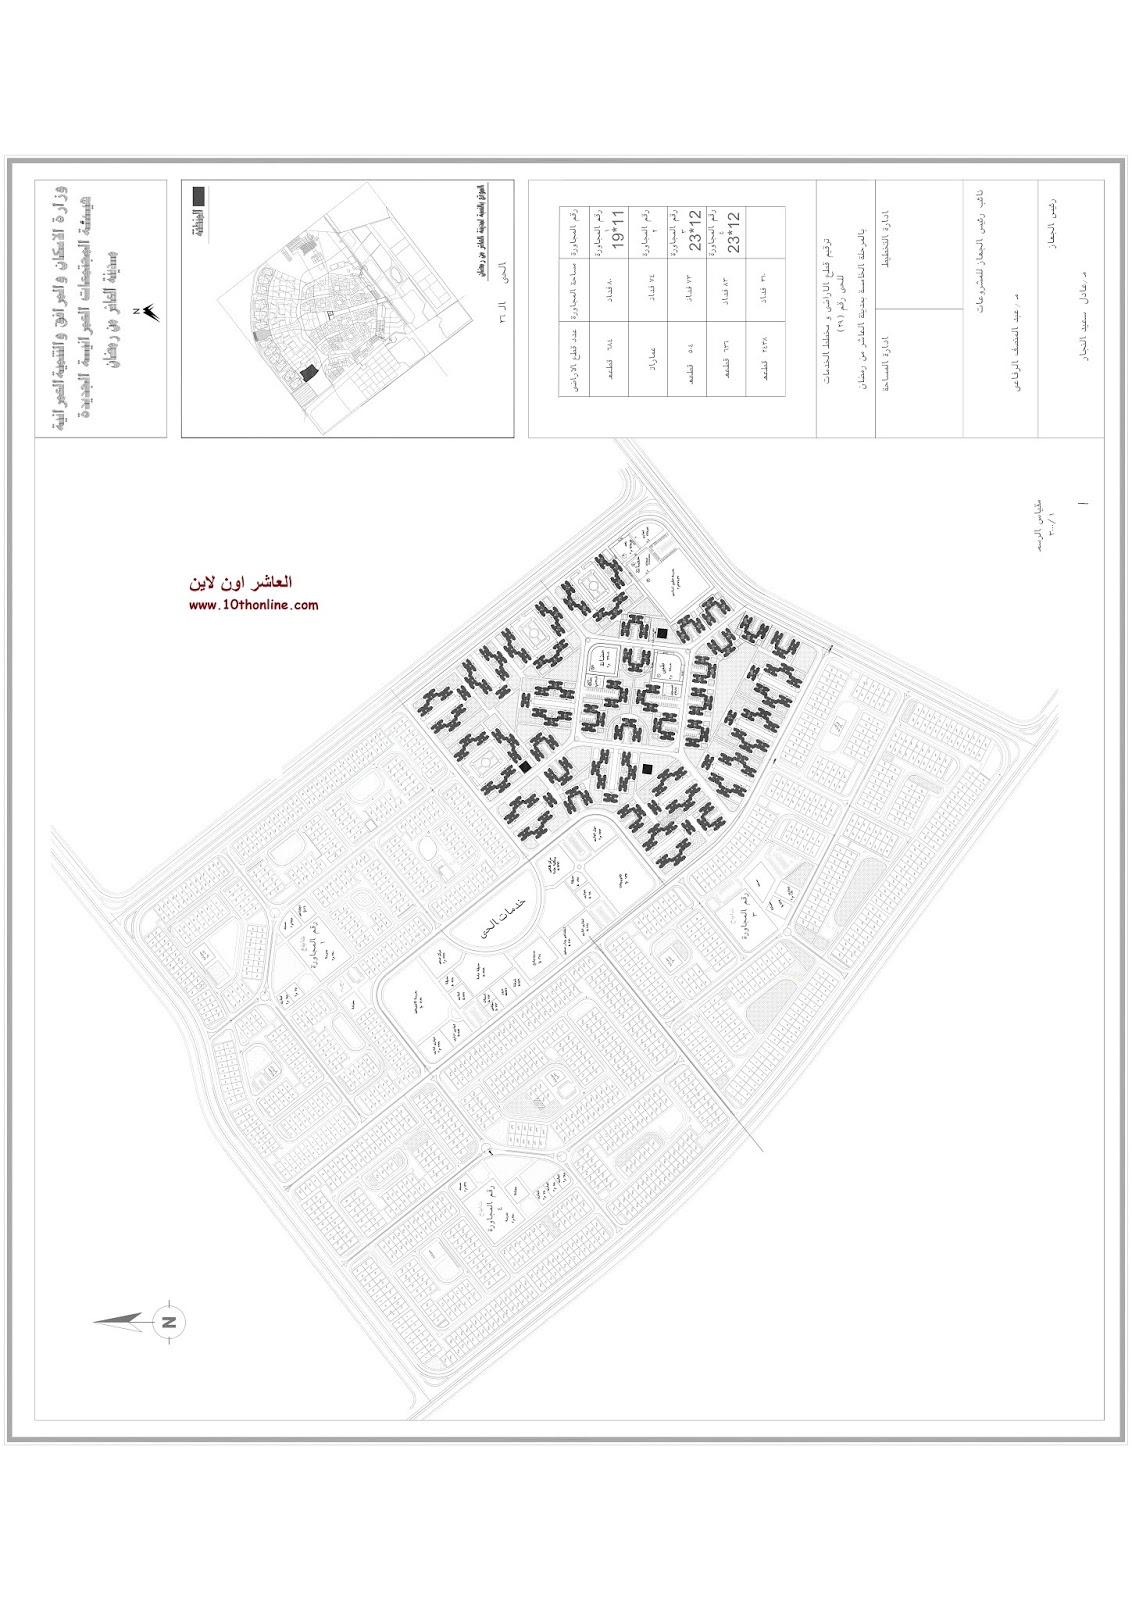 خريطة الحى 29 بالعاشر من رمضان